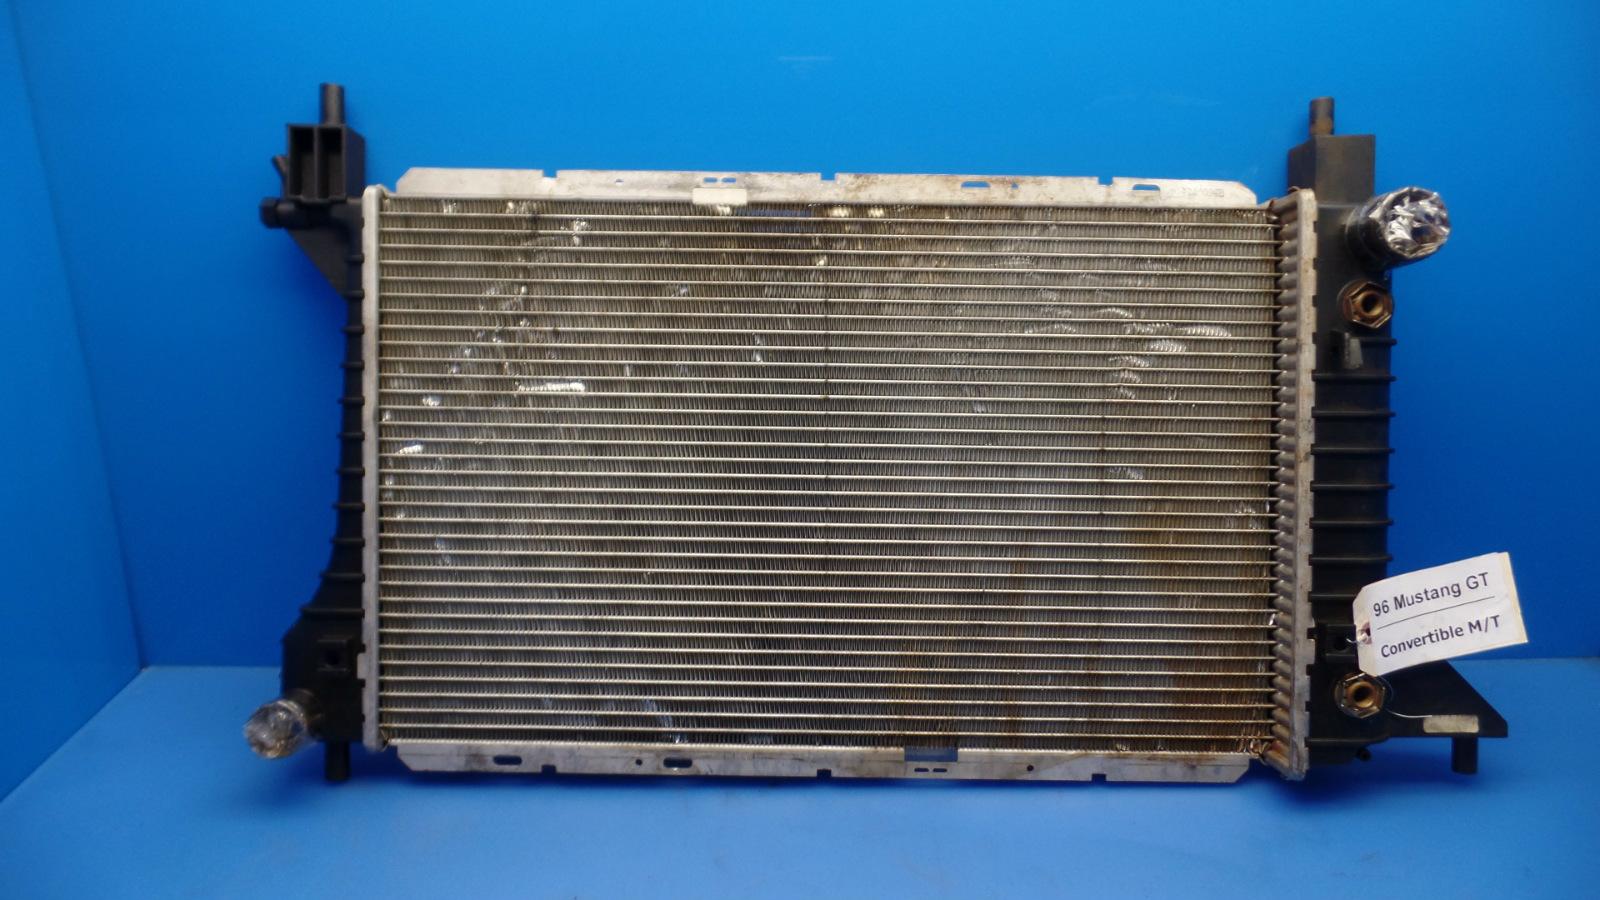 94 98 ford mustang oem engine cooling radiator gt 4 6l ebay. Black Bedroom Furniture Sets. Home Design Ideas